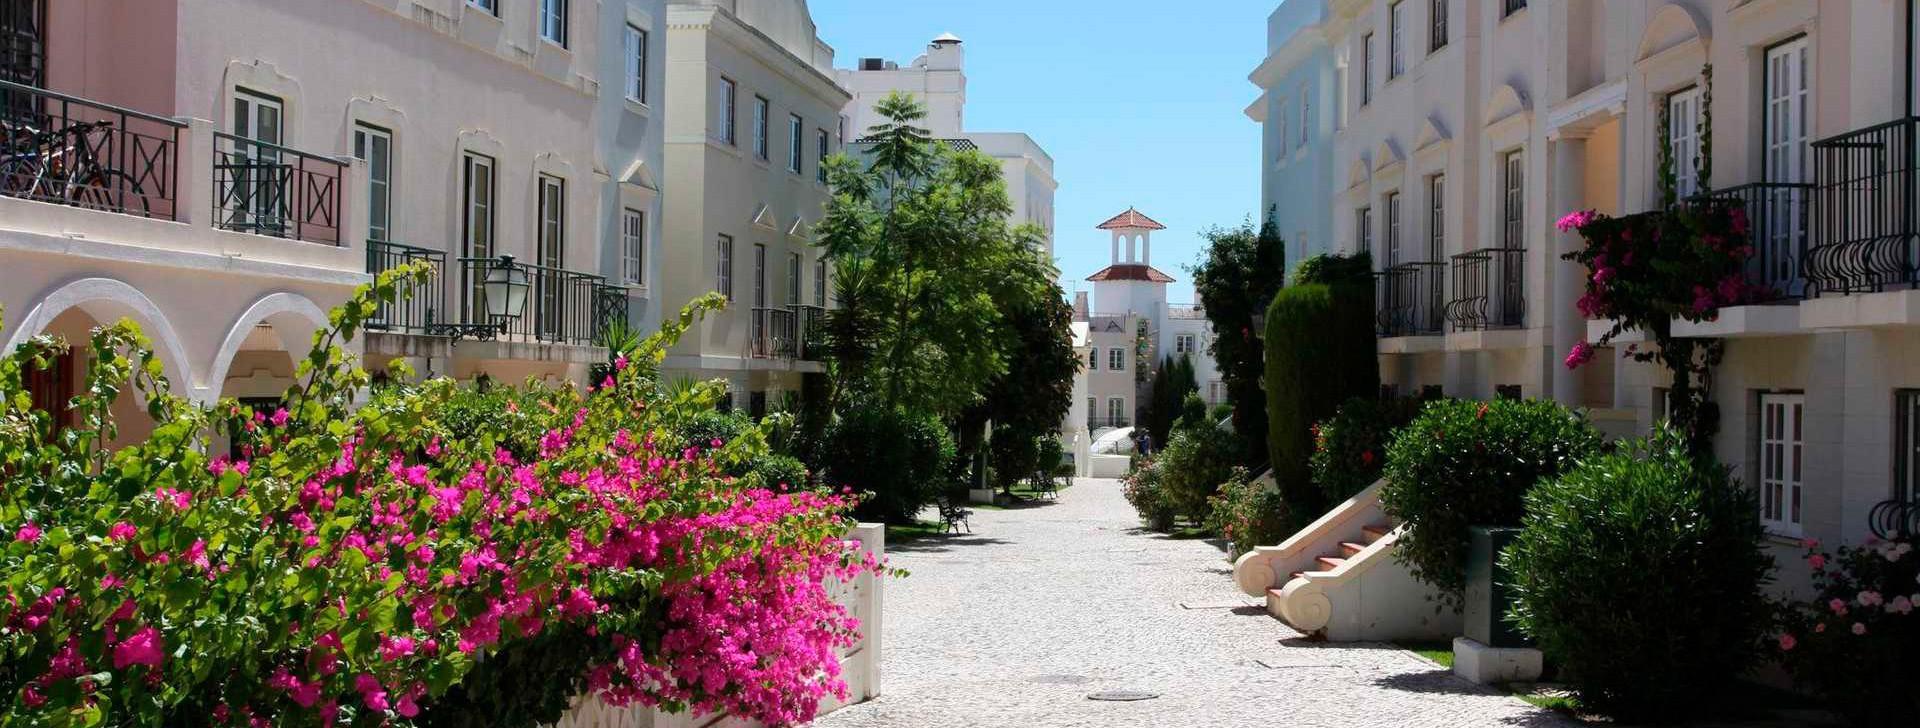 Search the Algarve!